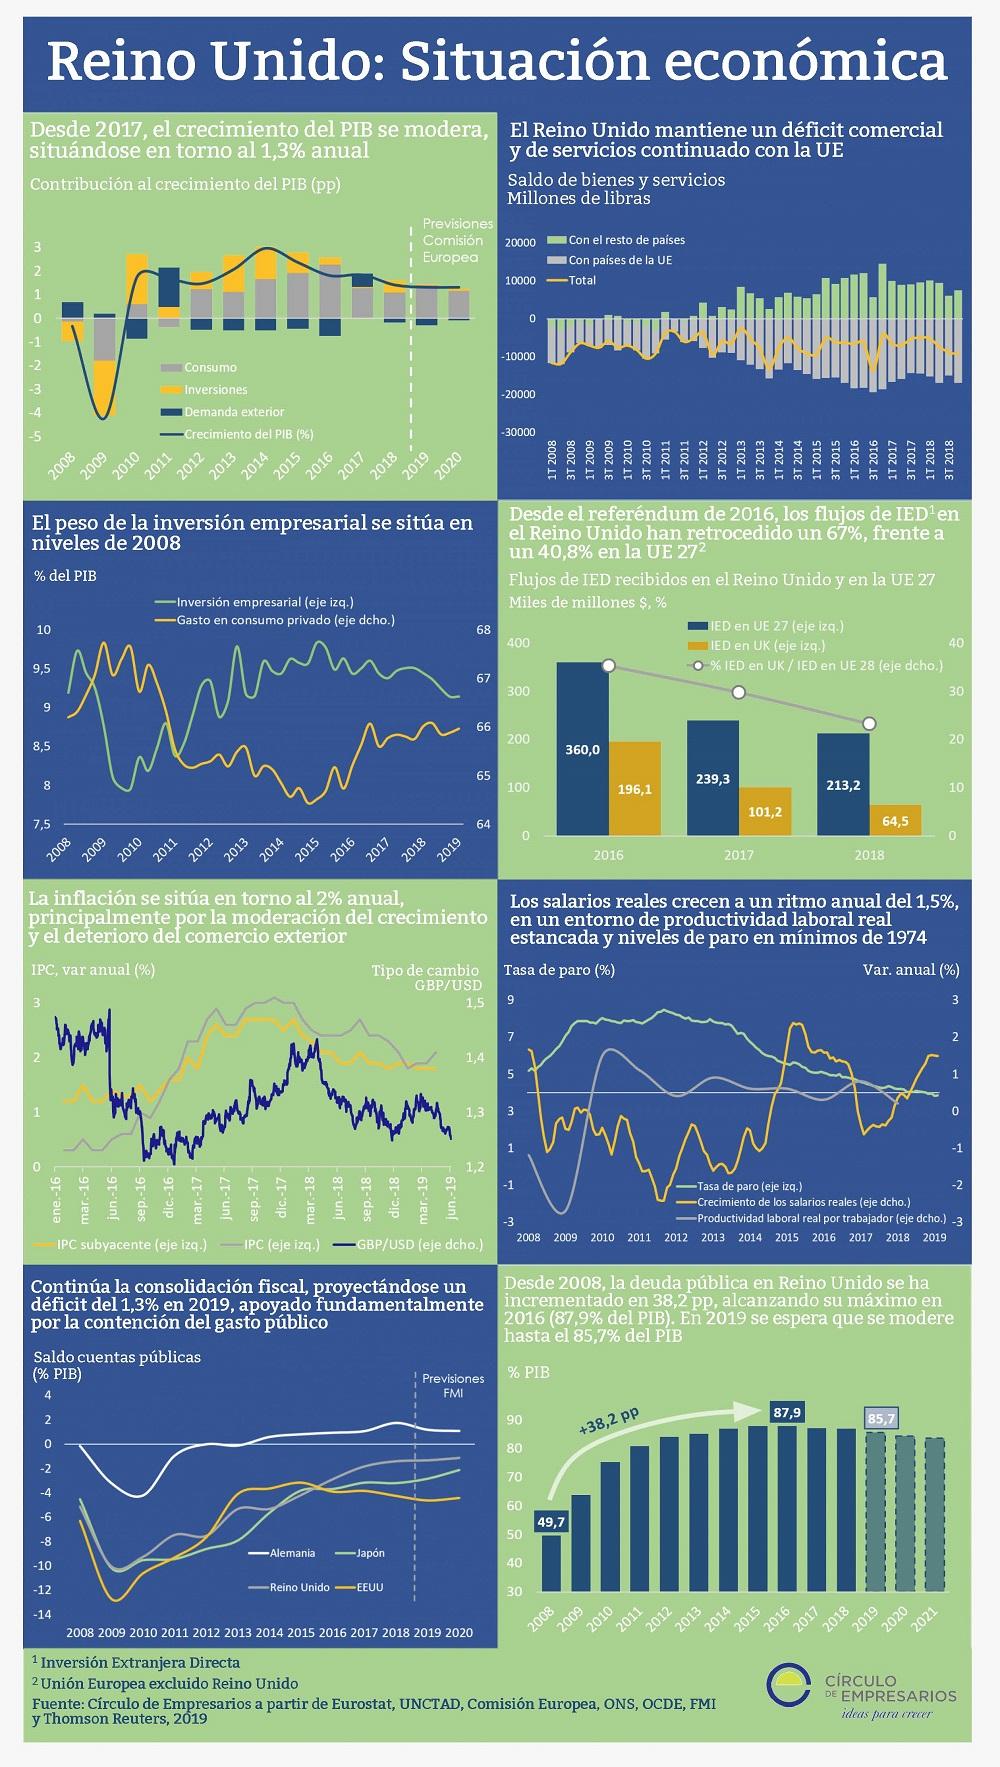 Reino Unido: situación económica infografía Círculo de Empresarios junio 2019